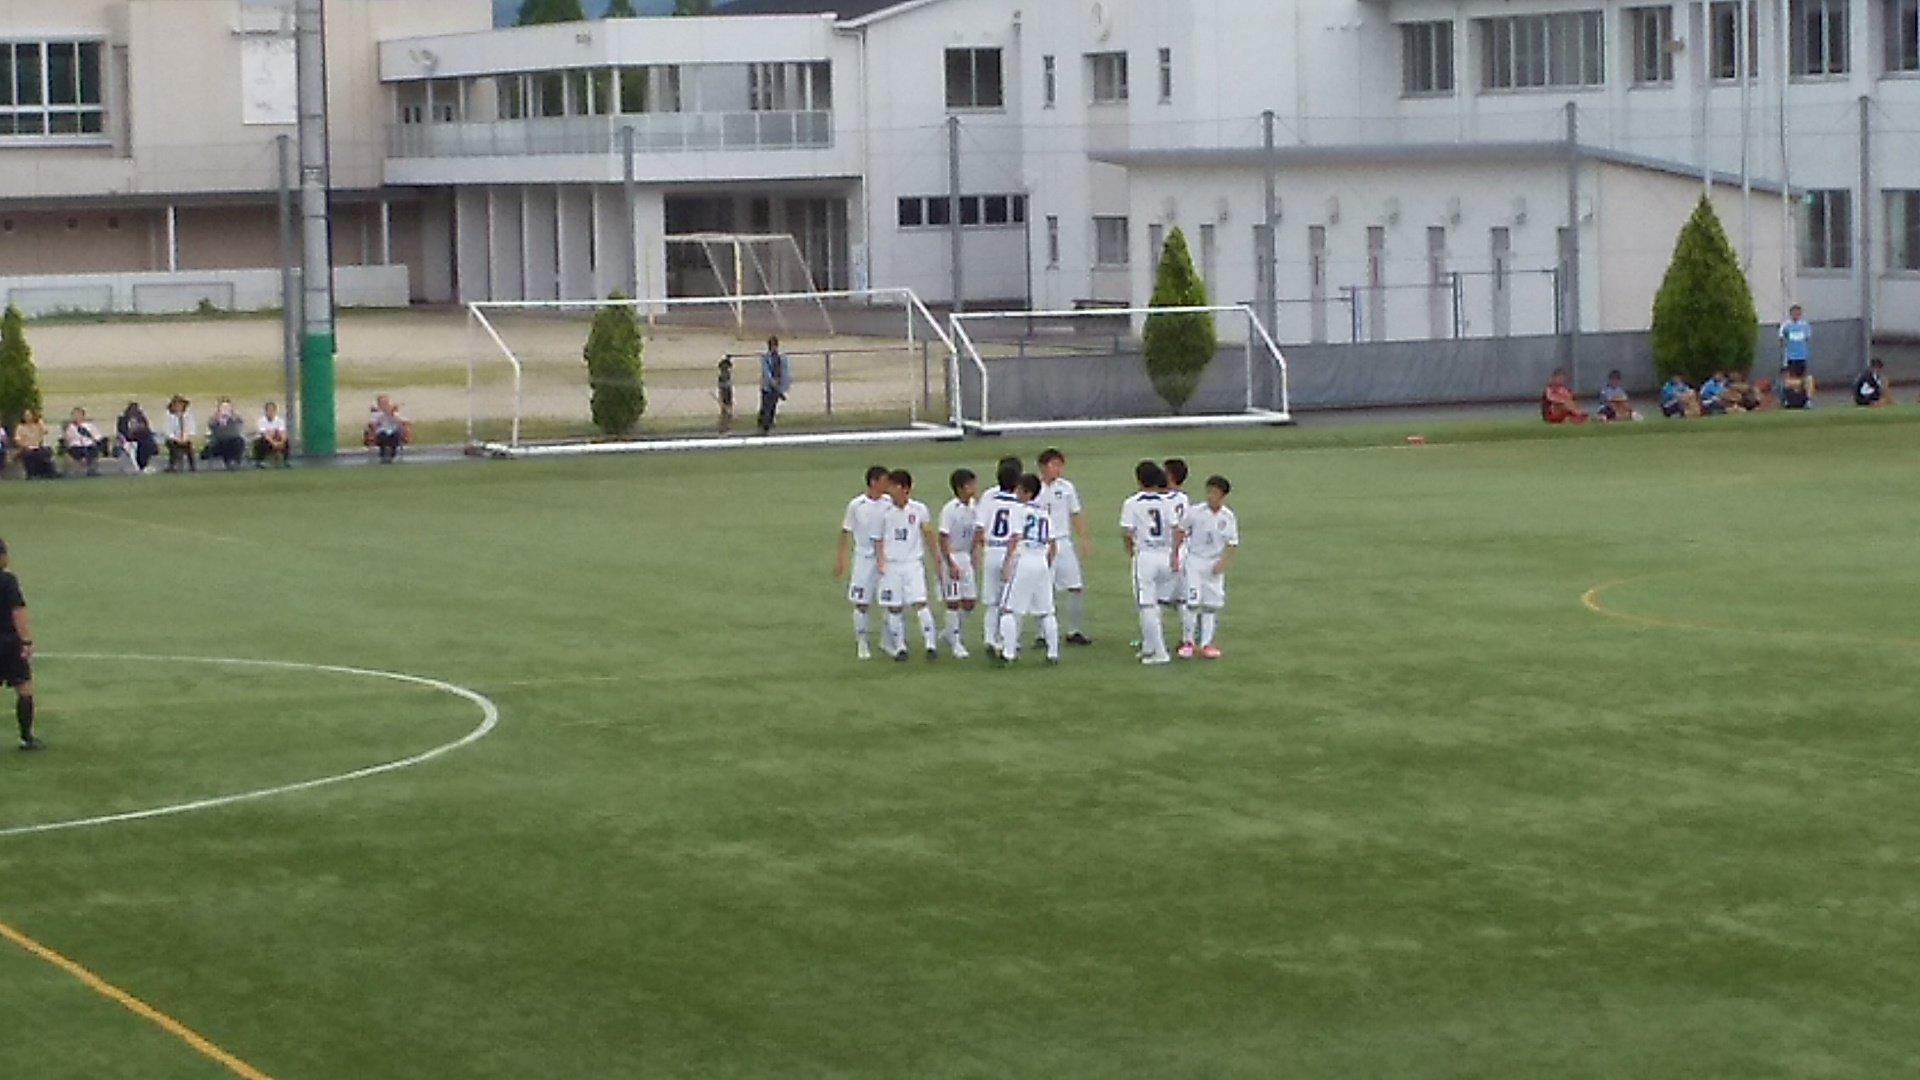 クラブユース | ソレッソ熊本 | 熊本のサッカークラブ